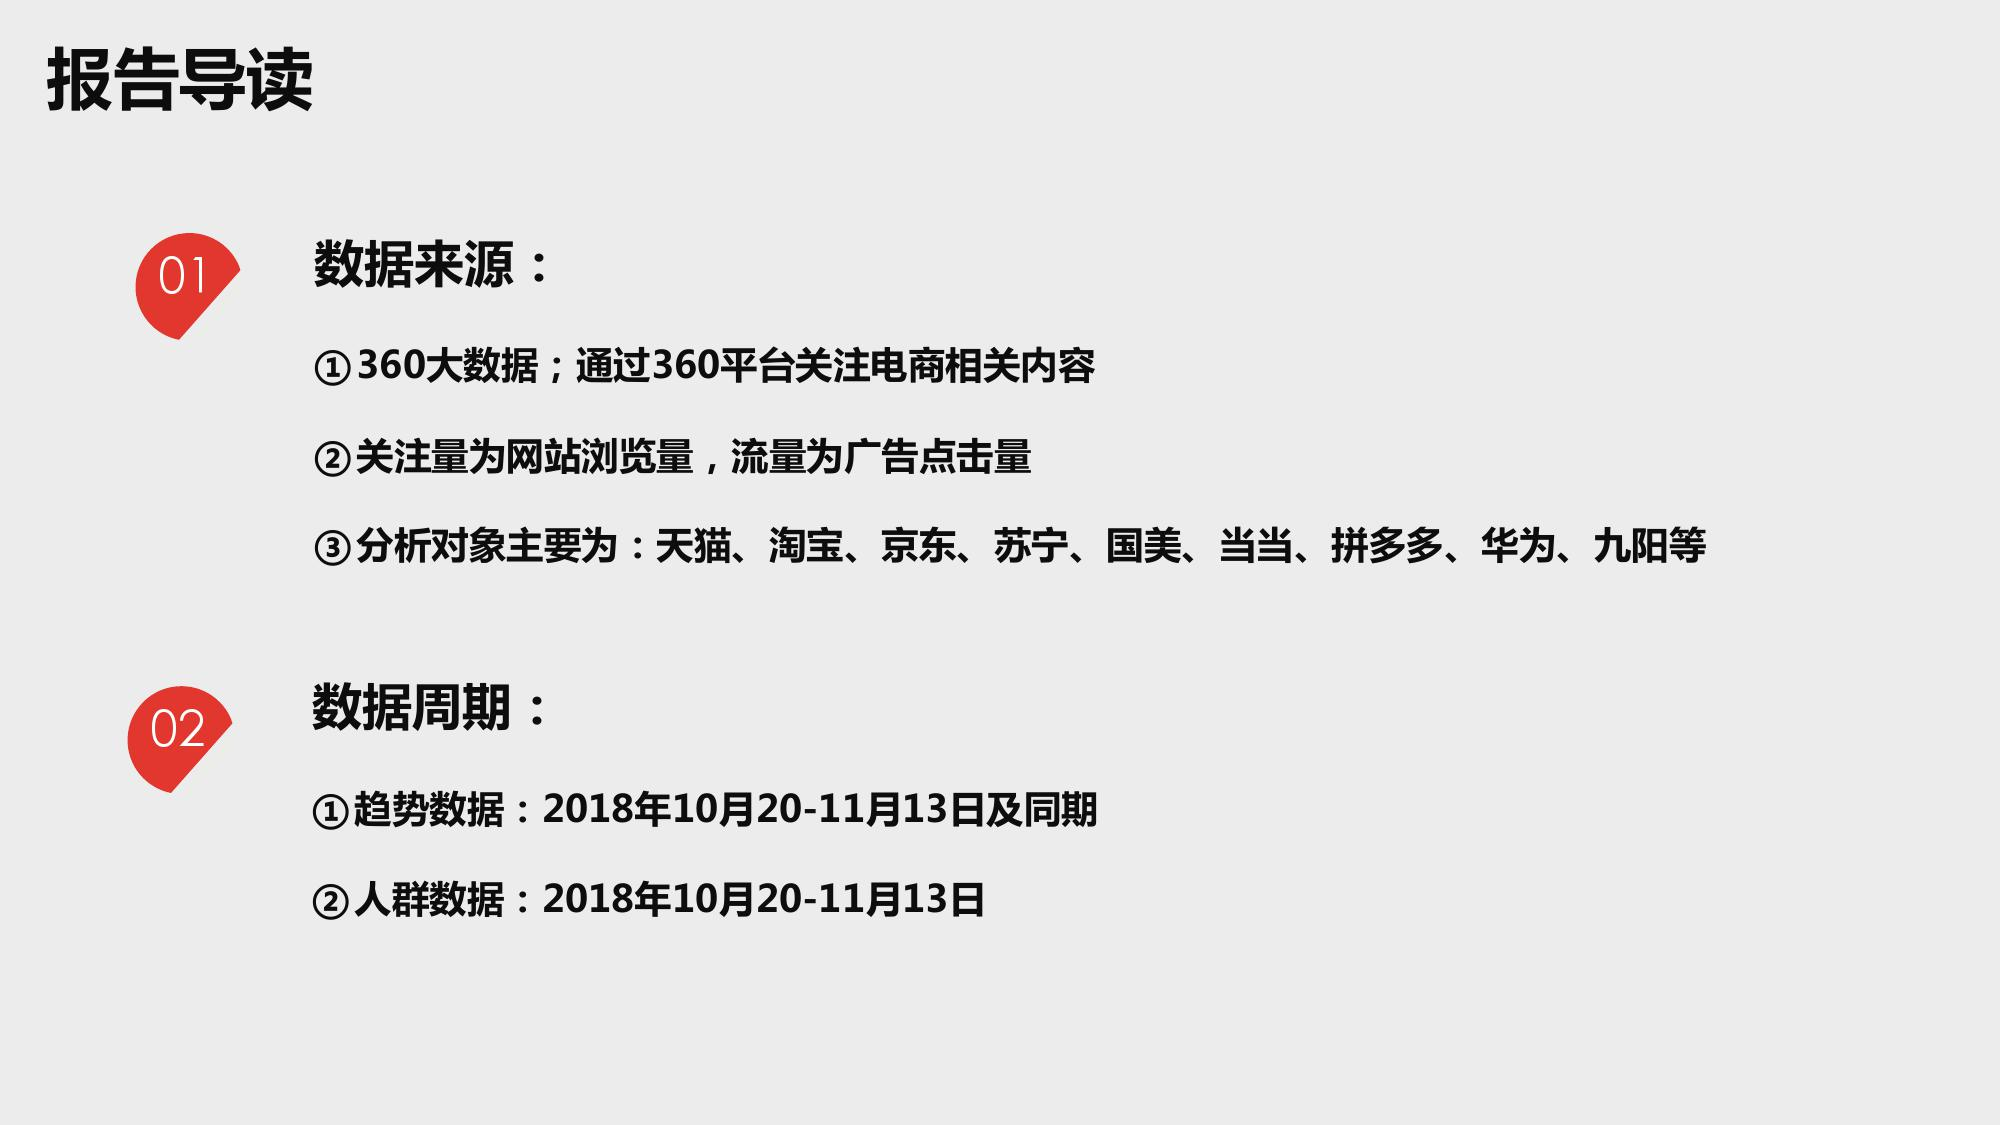 360 2018 双11 数据报告 PPT